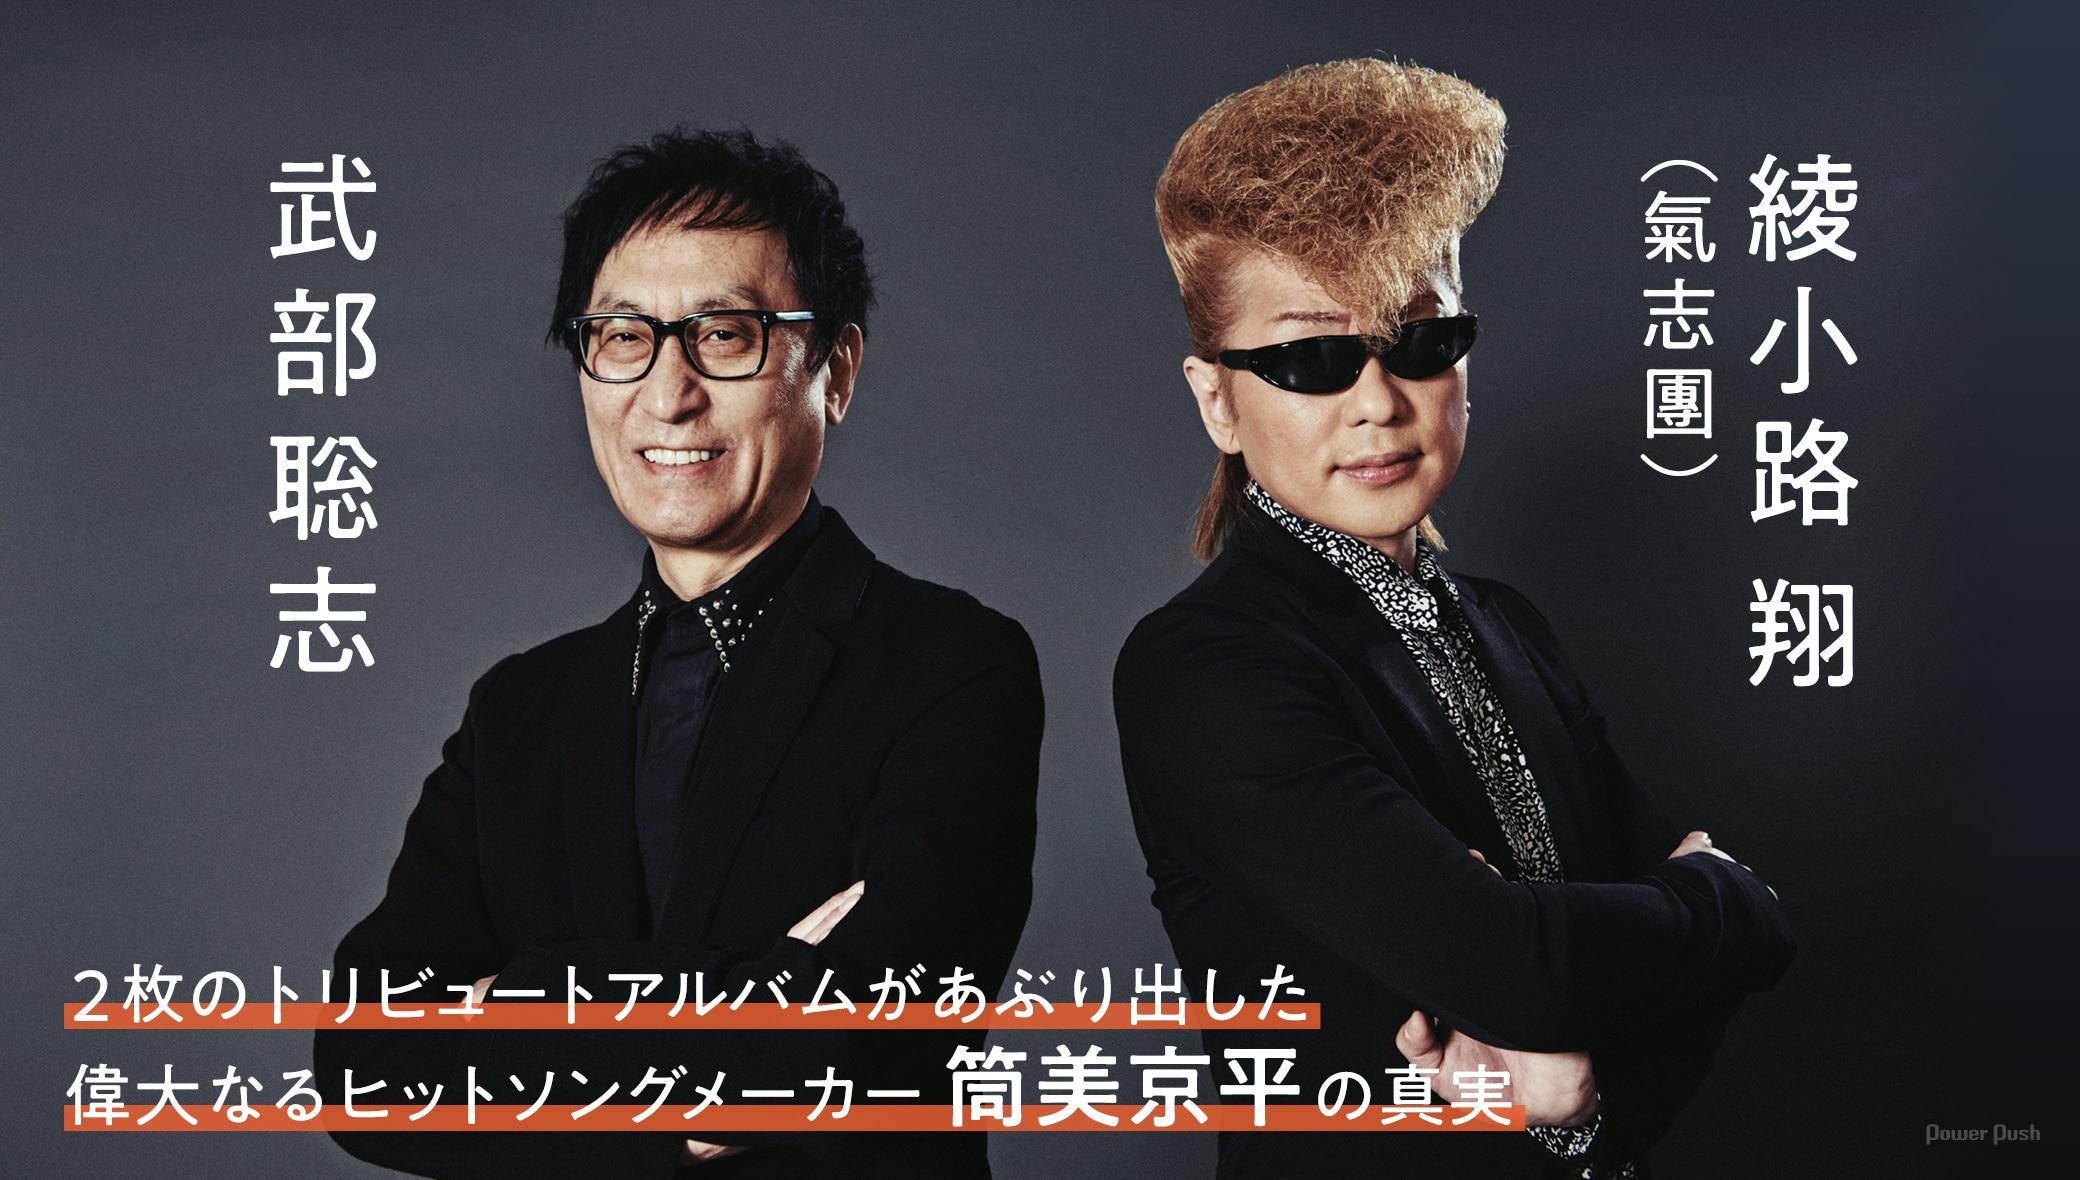 武部聡志×綾小路 翔(氣志團)|2枚のトリビュートアルバムがあぶり出した 偉大なるヒットソングメーカー 筒美京平の真実